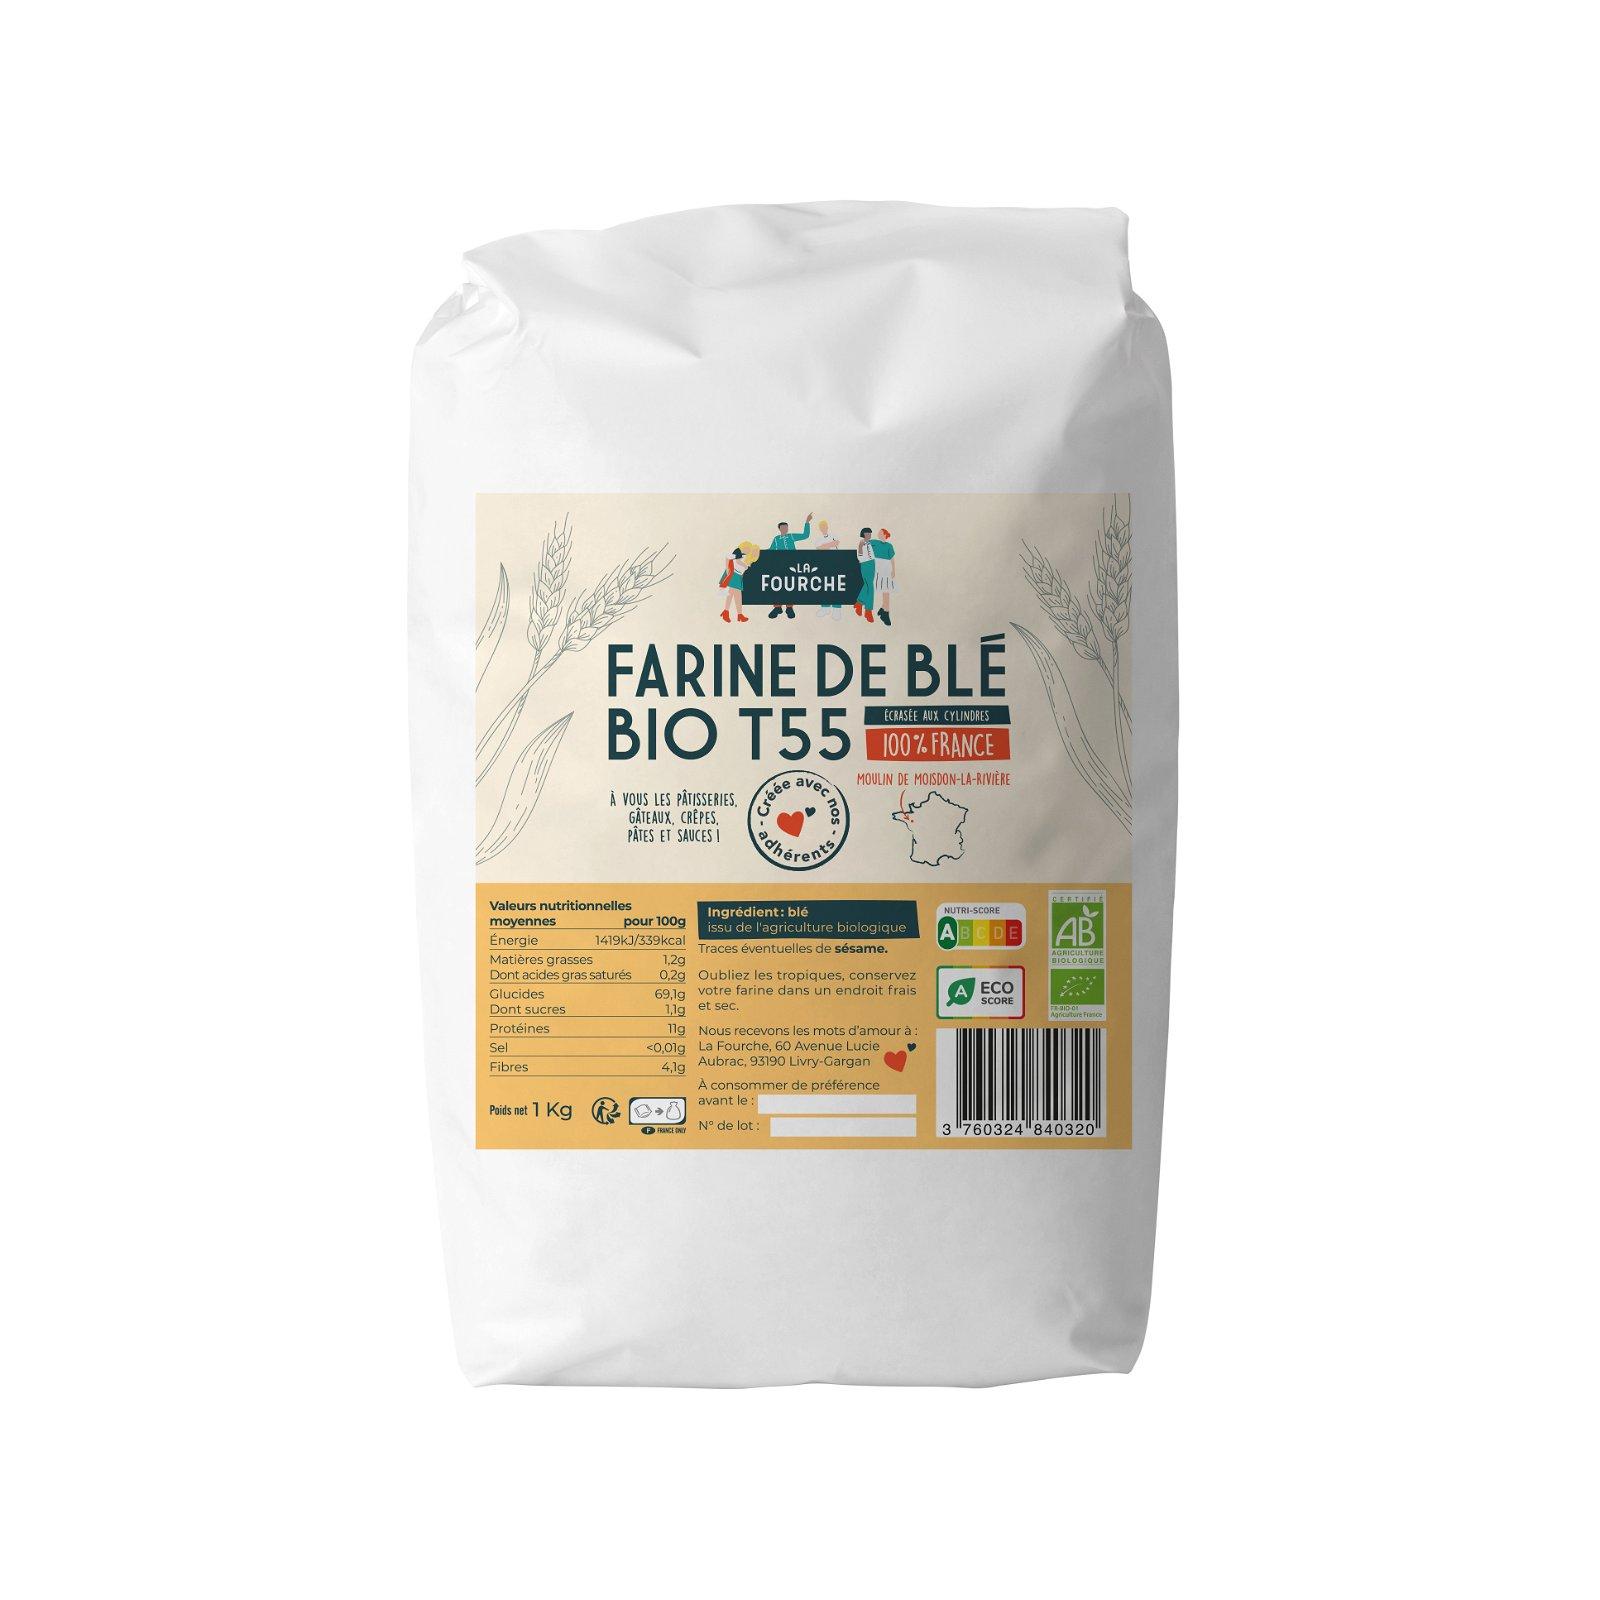 img-la-fourche-farine-de-ble-bio-t55-1kg